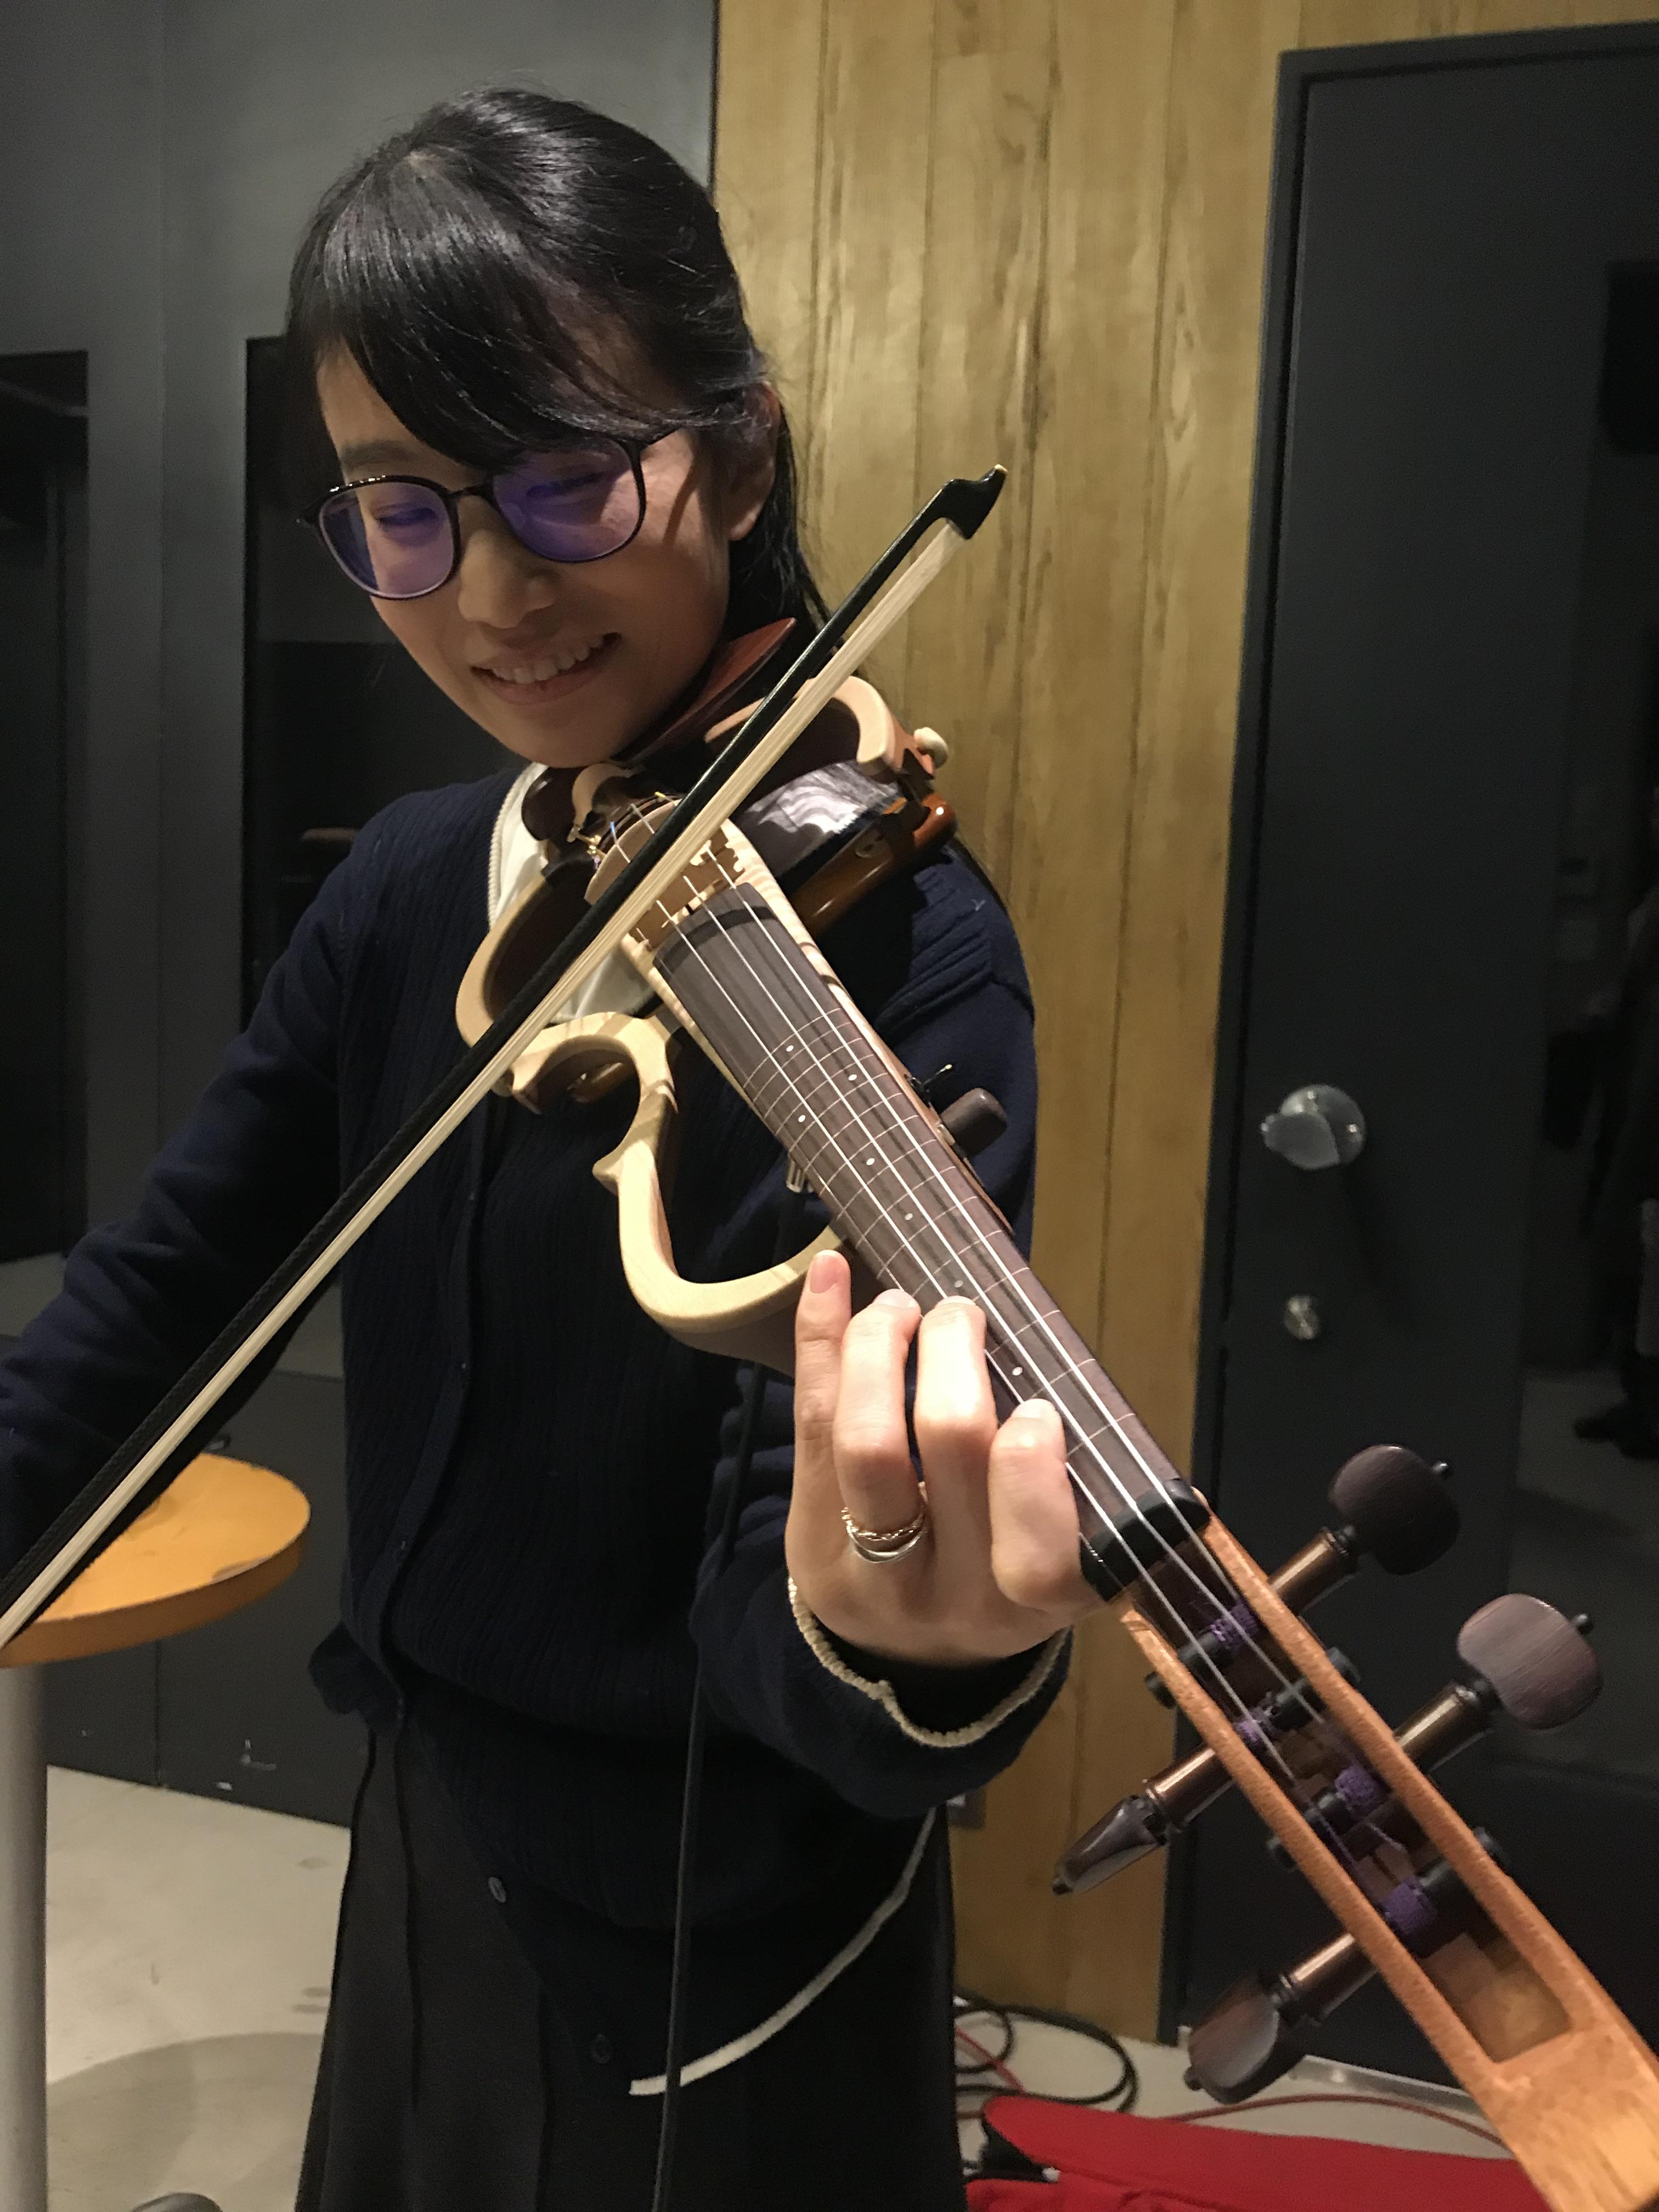 国立音楽院の卒業生がエレキヴァイオリンの試作品を試奏している様子